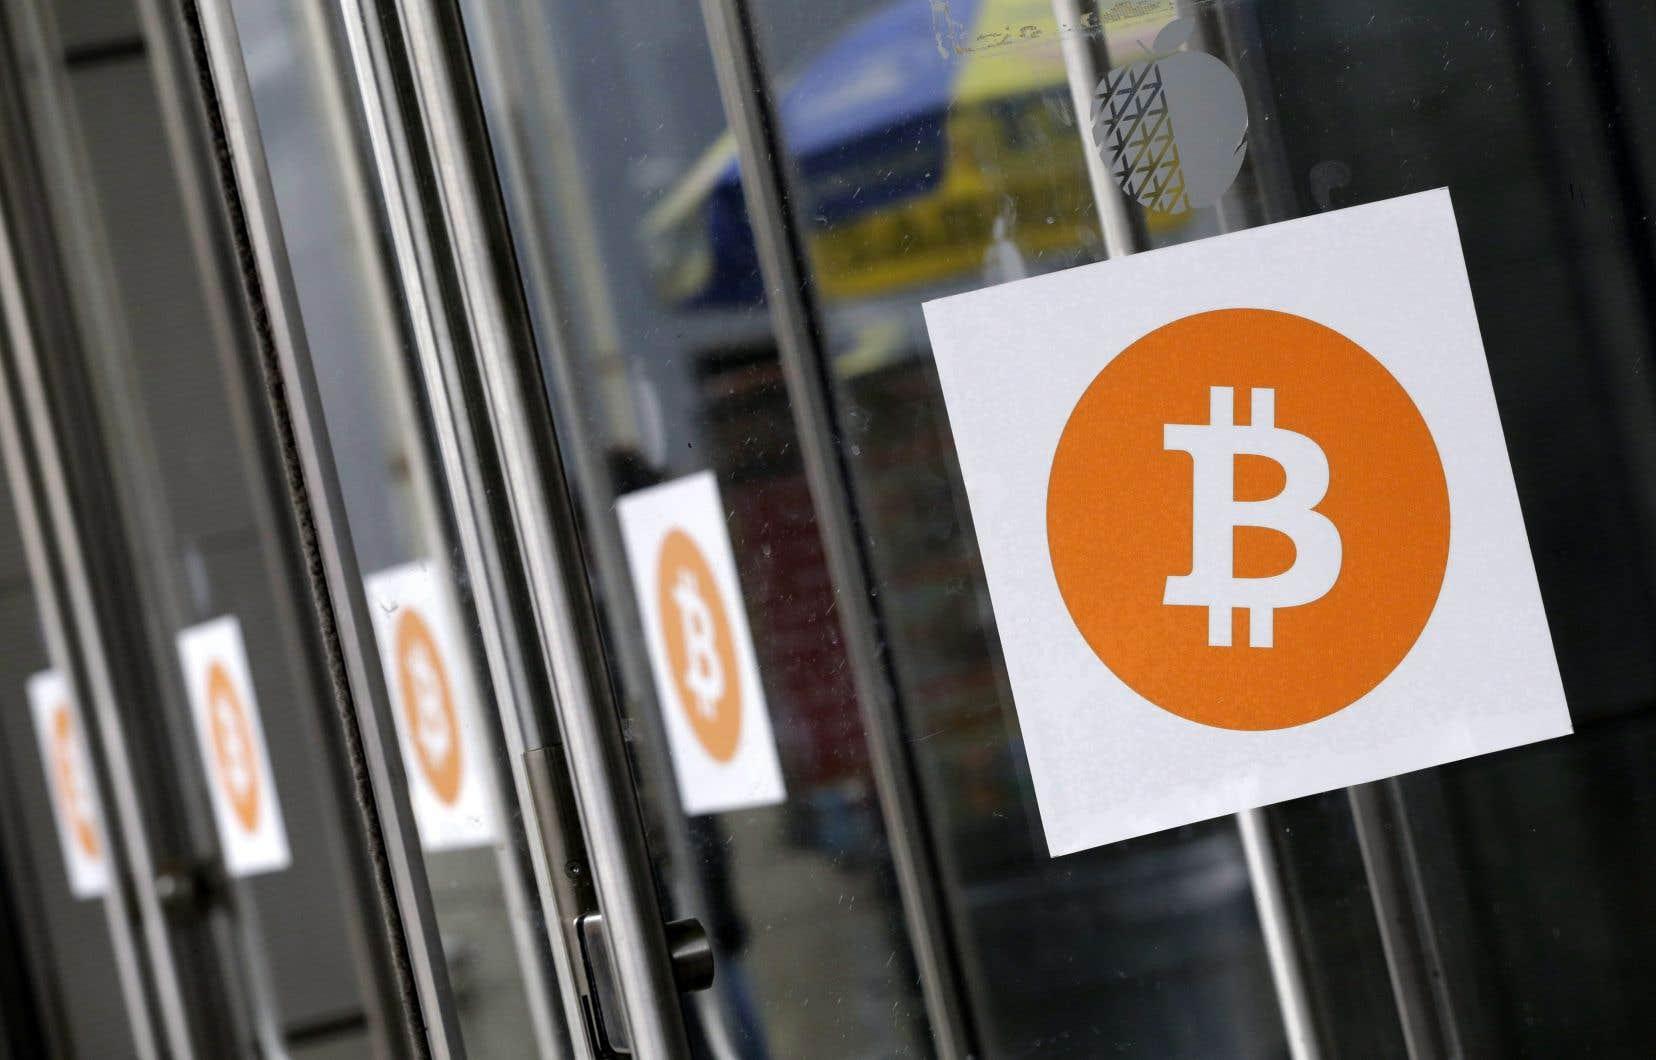 Le bitcoin s'échangeait hier à Londres autour des 16000dollars contre 11159 au pire moment de son creux vendredi dernier.